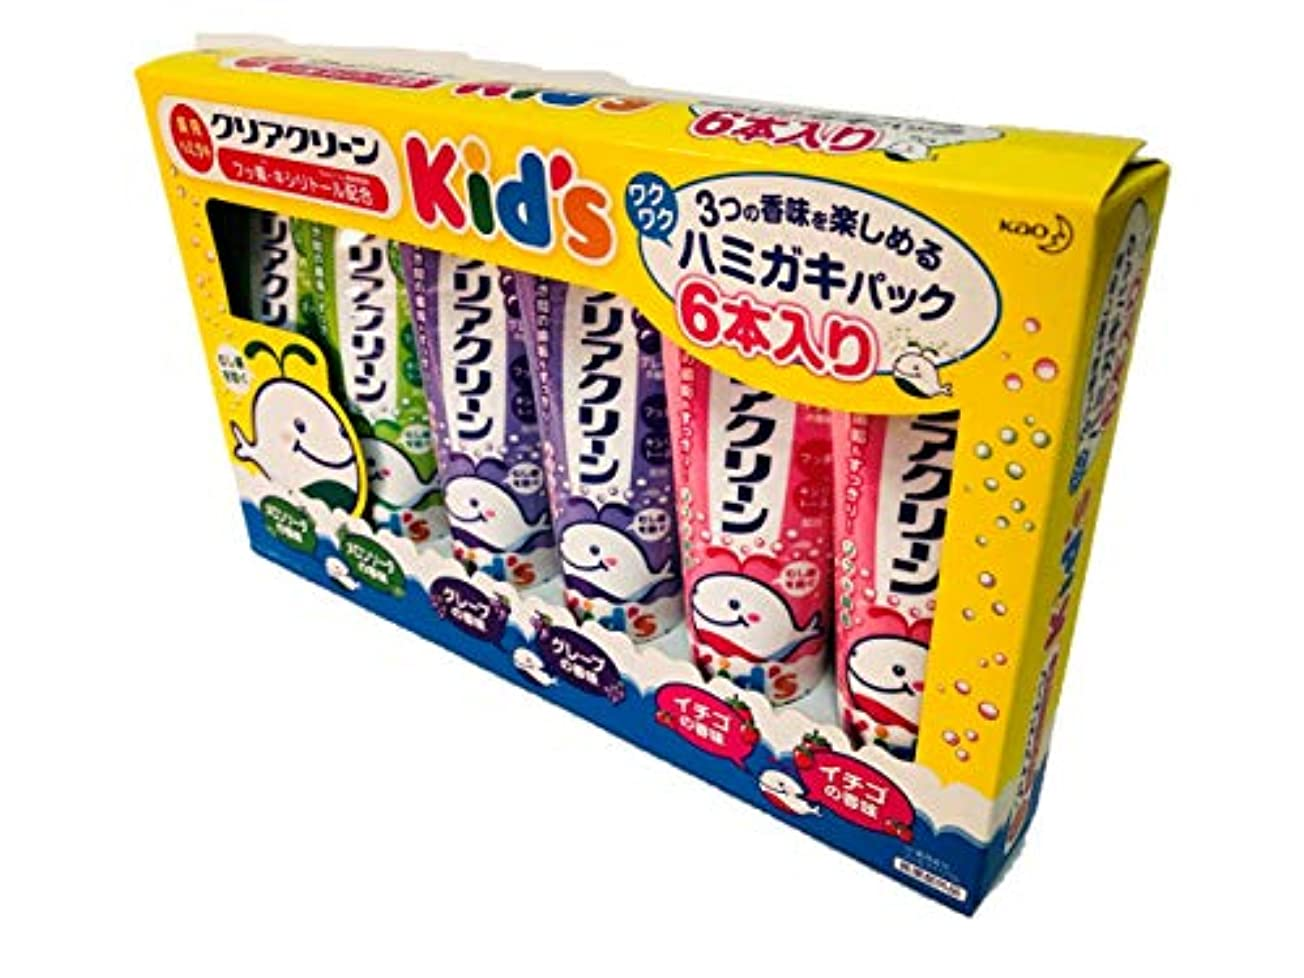 絶対にスナック今後クリアクリーン Kids ハミガキ 6本入りパック (メロンソーダ?グレープ?イチゴ)70g×6本 薬用ハミガキ